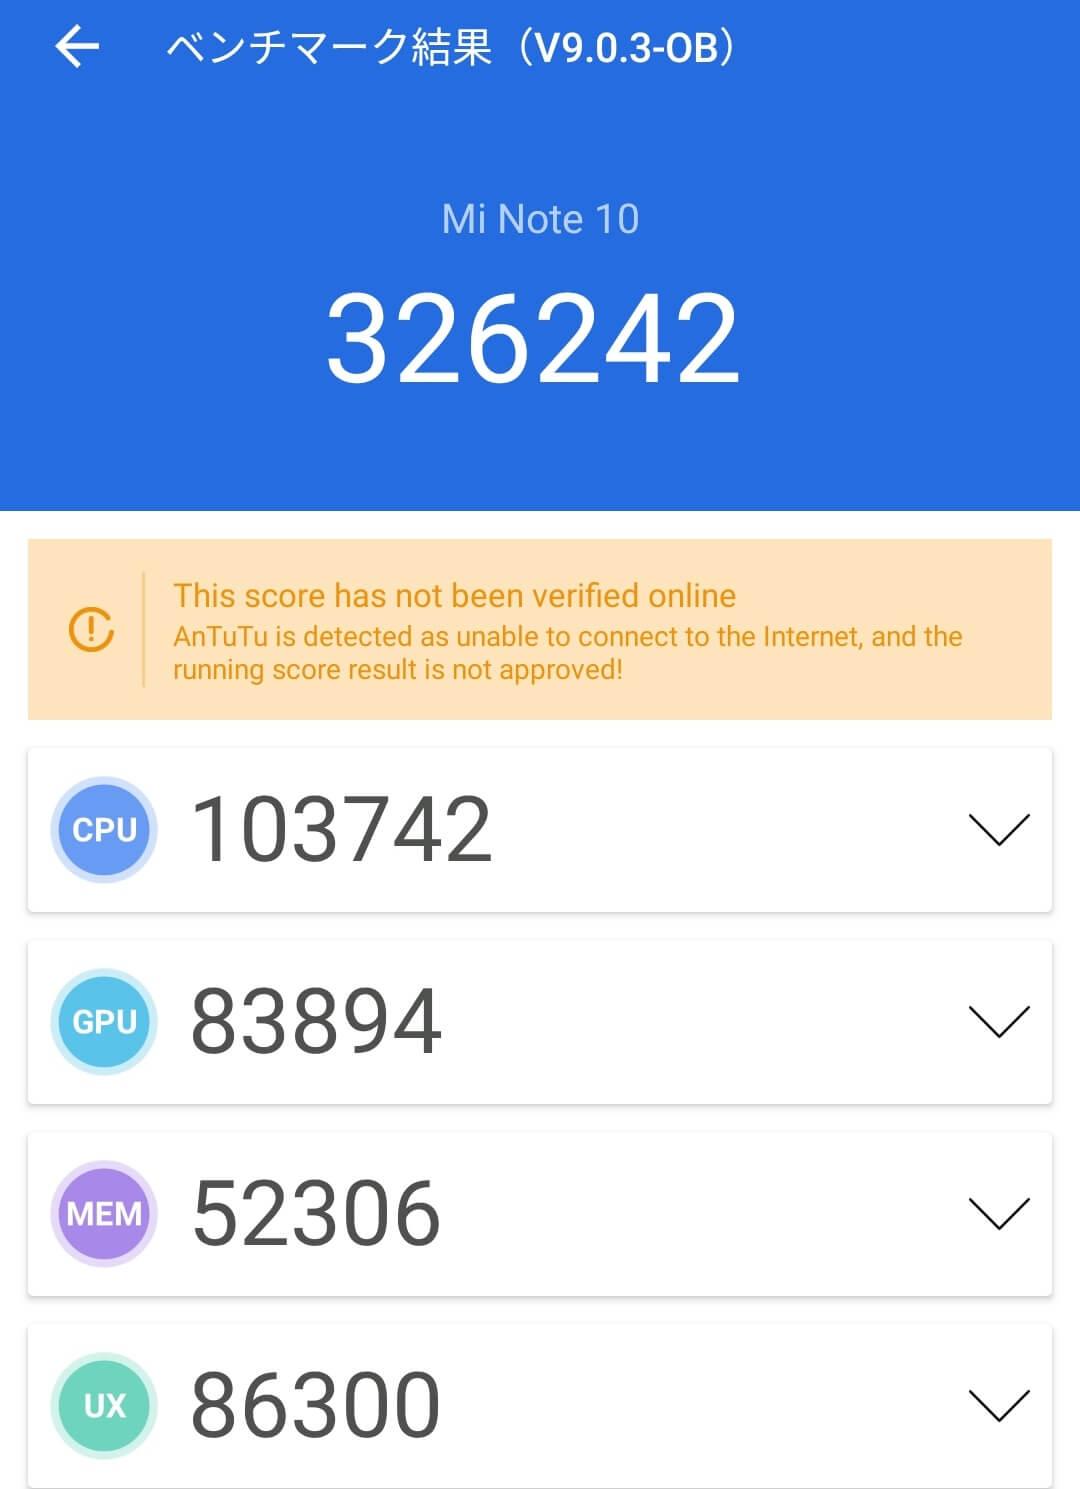 Mi Note 10の総合処理能力をスコア化したAntutuのベンチマーク